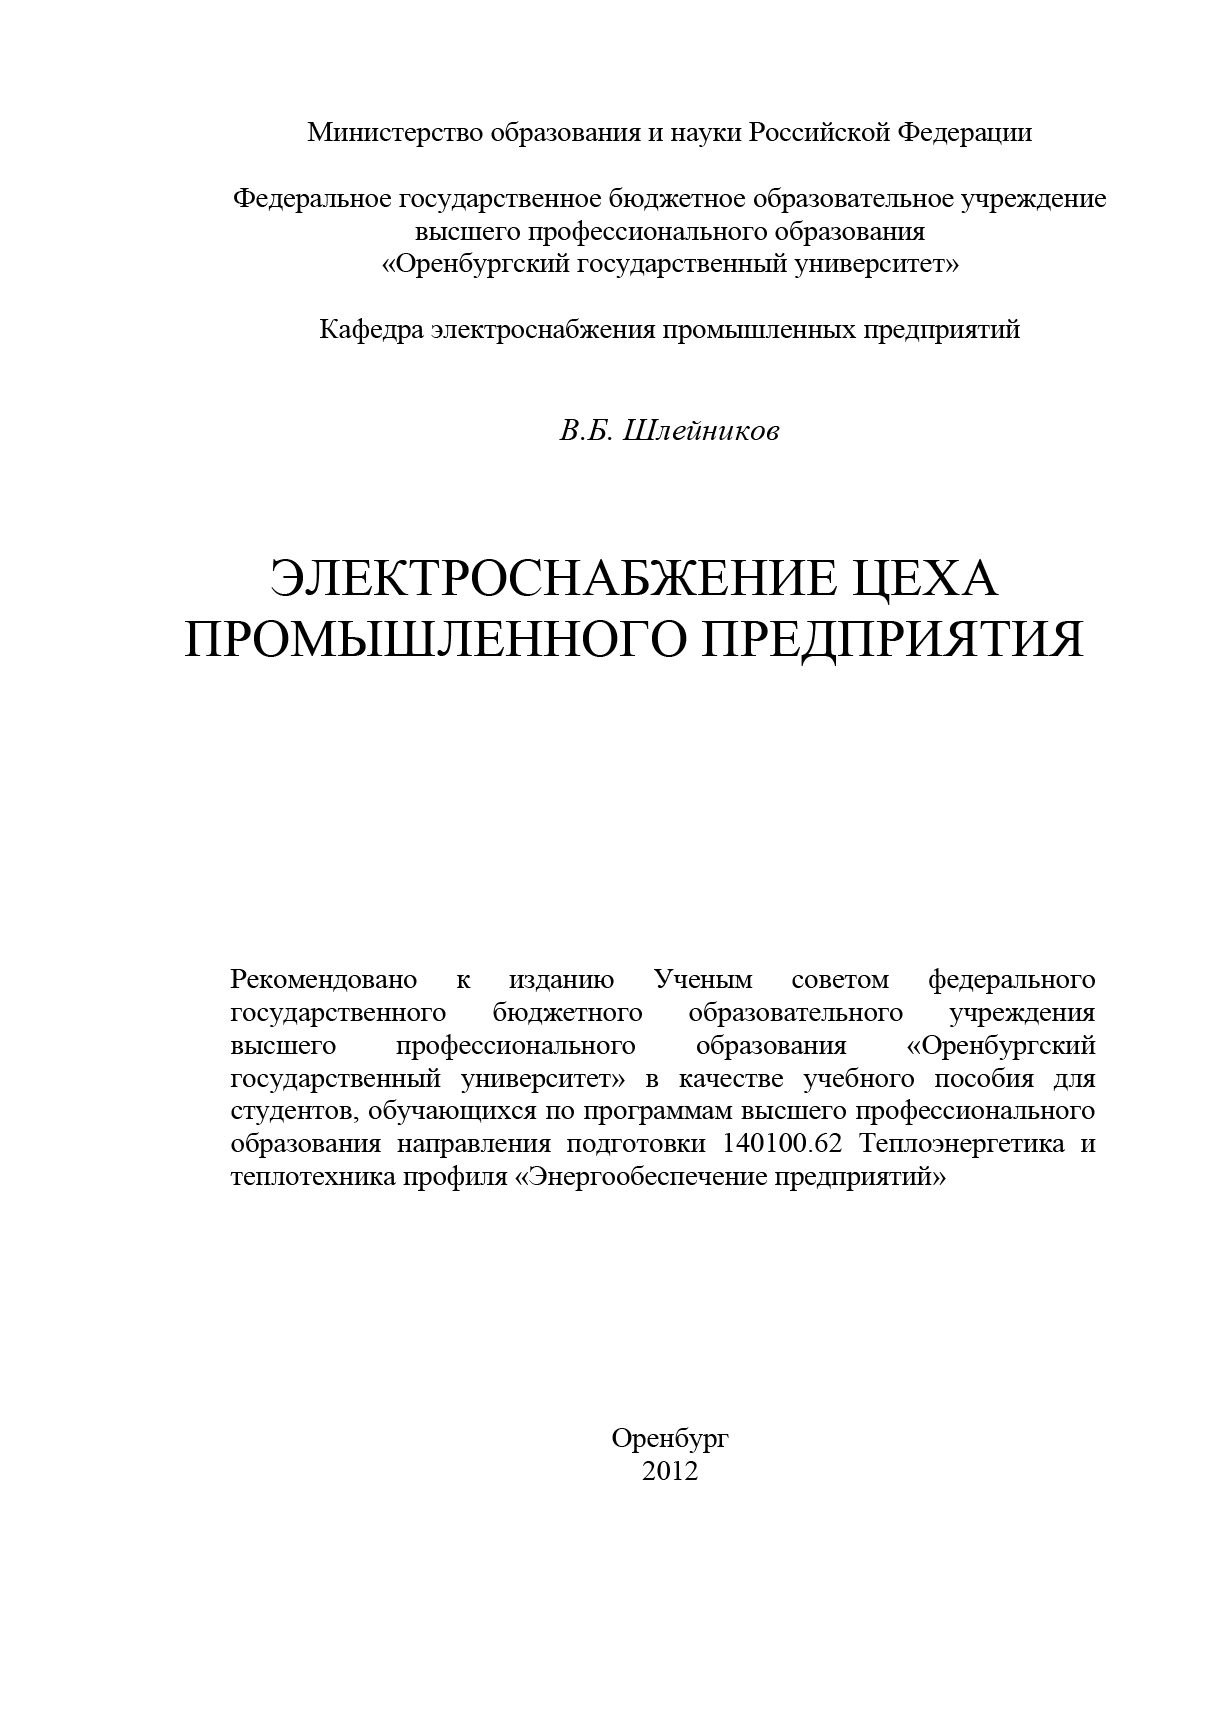 В. Б. Шлейников Электроснабжение цеха промышленного предприятия цены онлайн